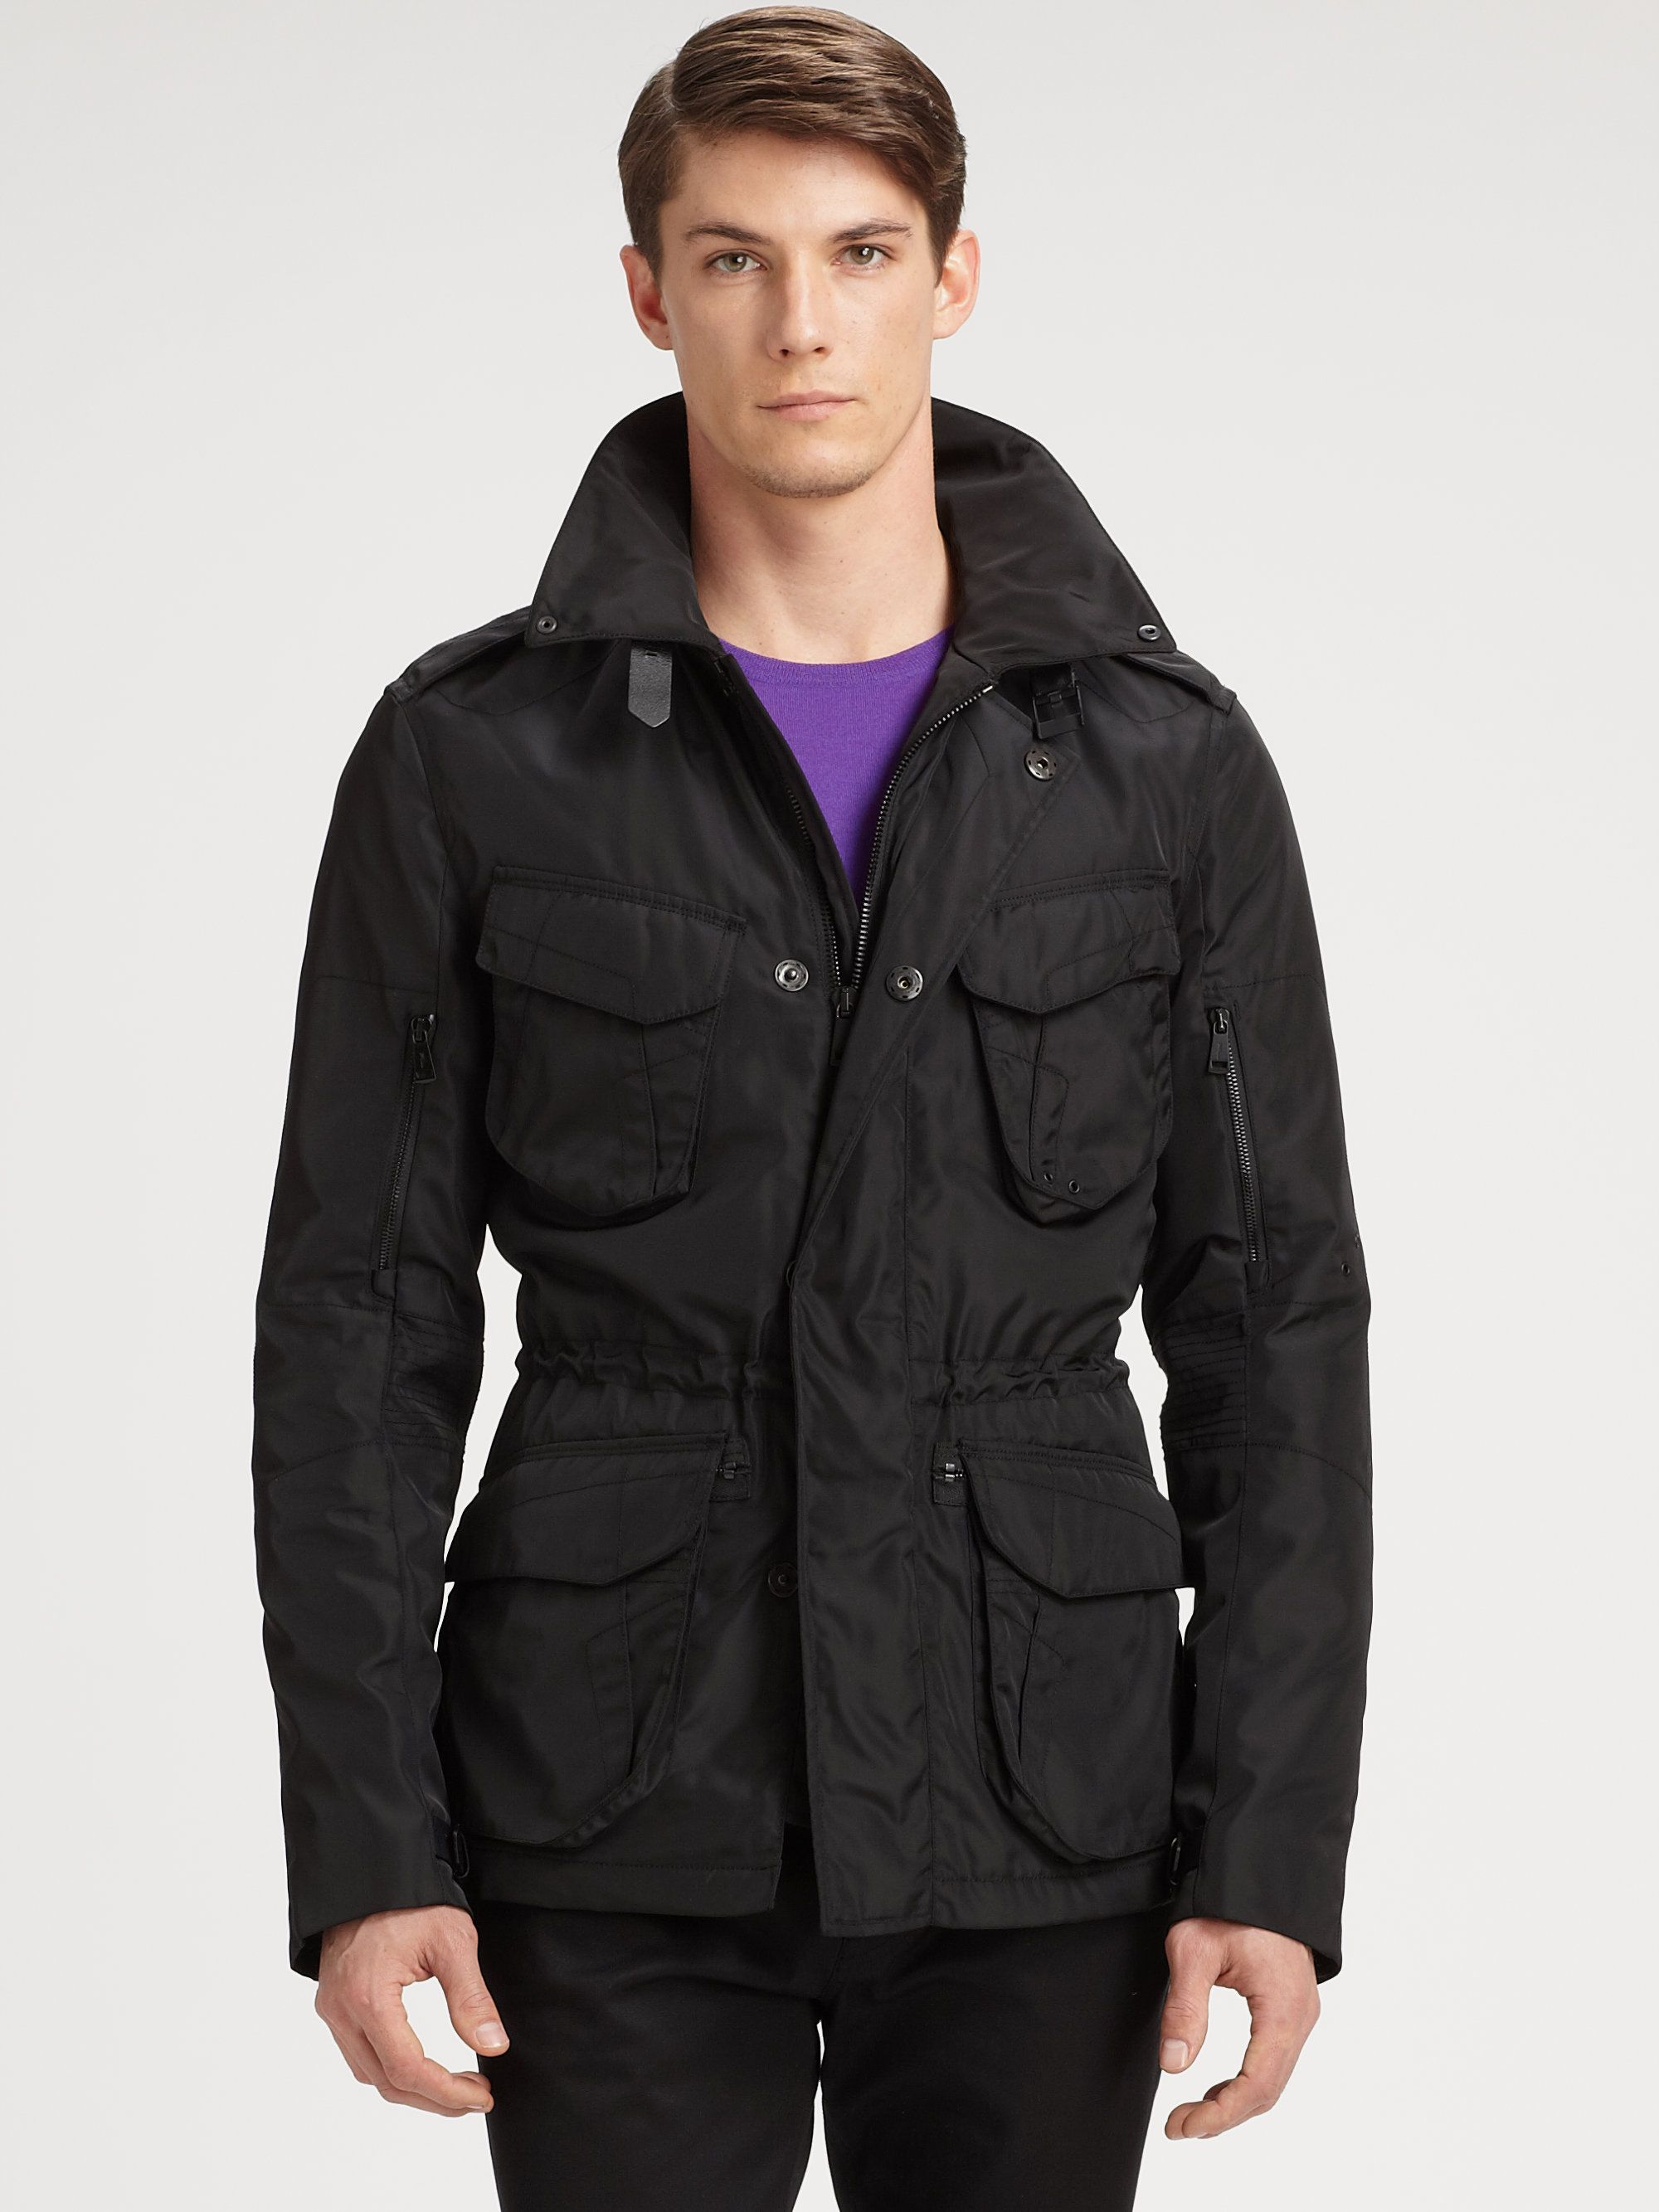 Ralph Lauren Black Label Denim Flight Bomber Jacket